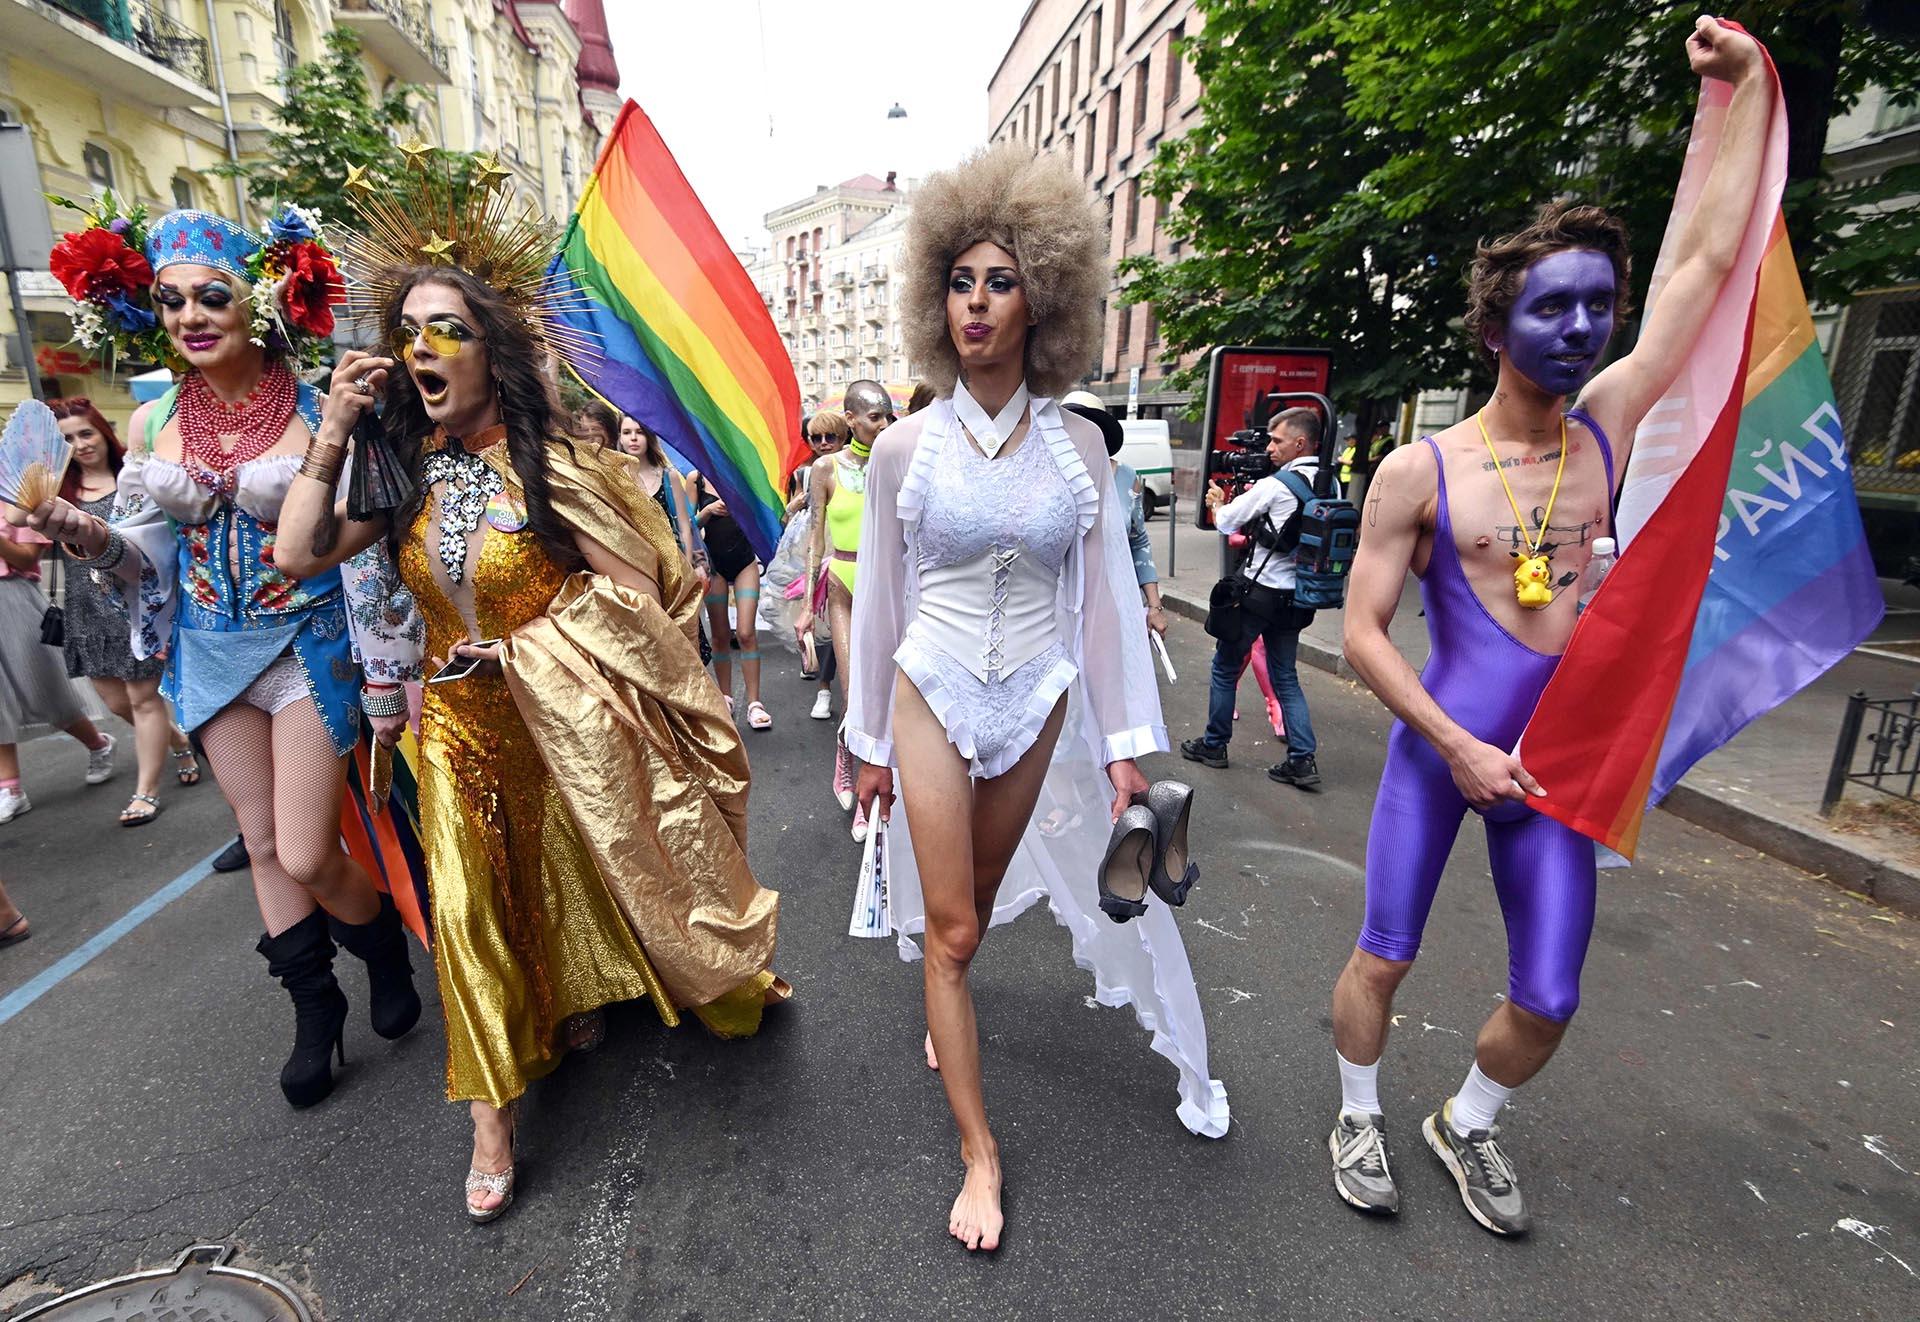 Los participantes cantan eslóganes mientras caminan con banderas de arco iris durante el desfile anual del Orgullo en Kiev, Ucrania, el 23 de junio de 2019. Más de 8.000 personas acudieron en medio de una estricta seguridad mientras activistas de extrema derecha intentaban interrumpir la celebración, según los organizadores